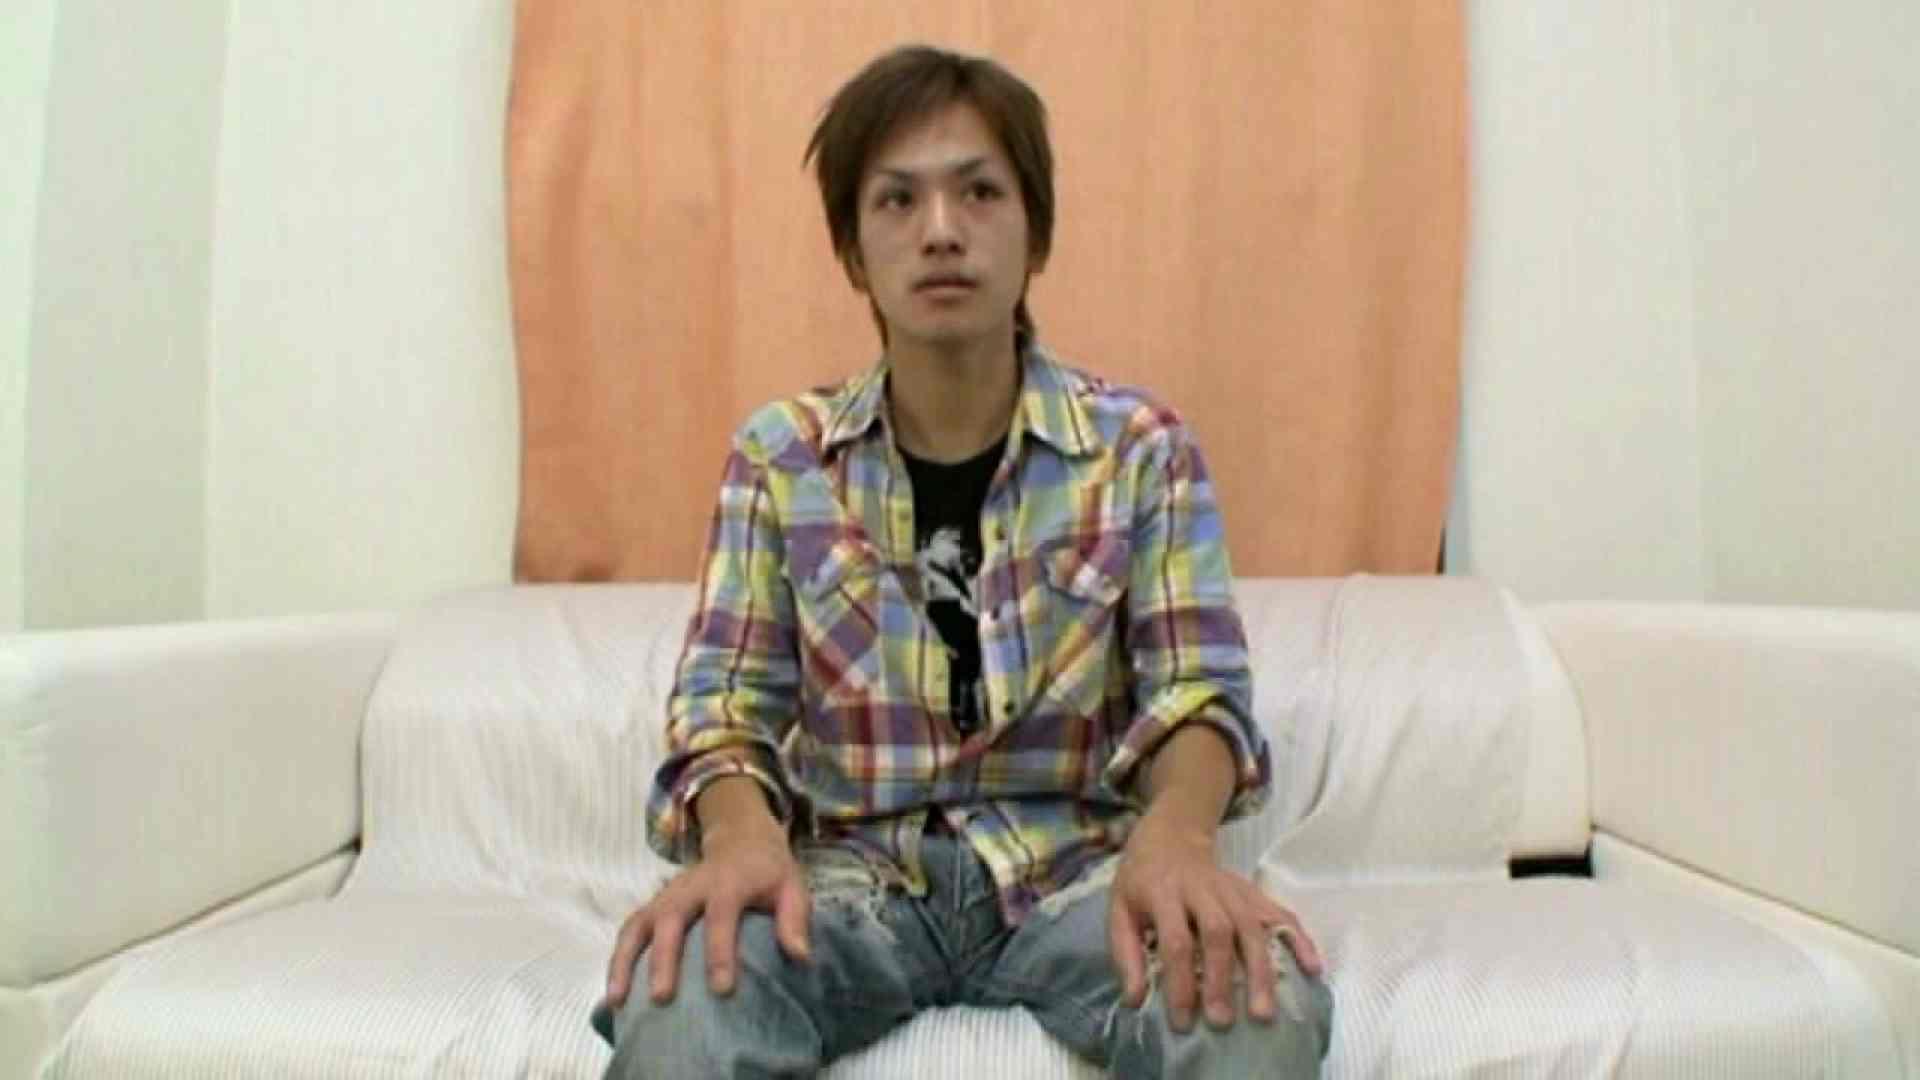 ノンケ!自慰スタジオ No.03 男どうし ゲイフリーエロ画像 58pic 4